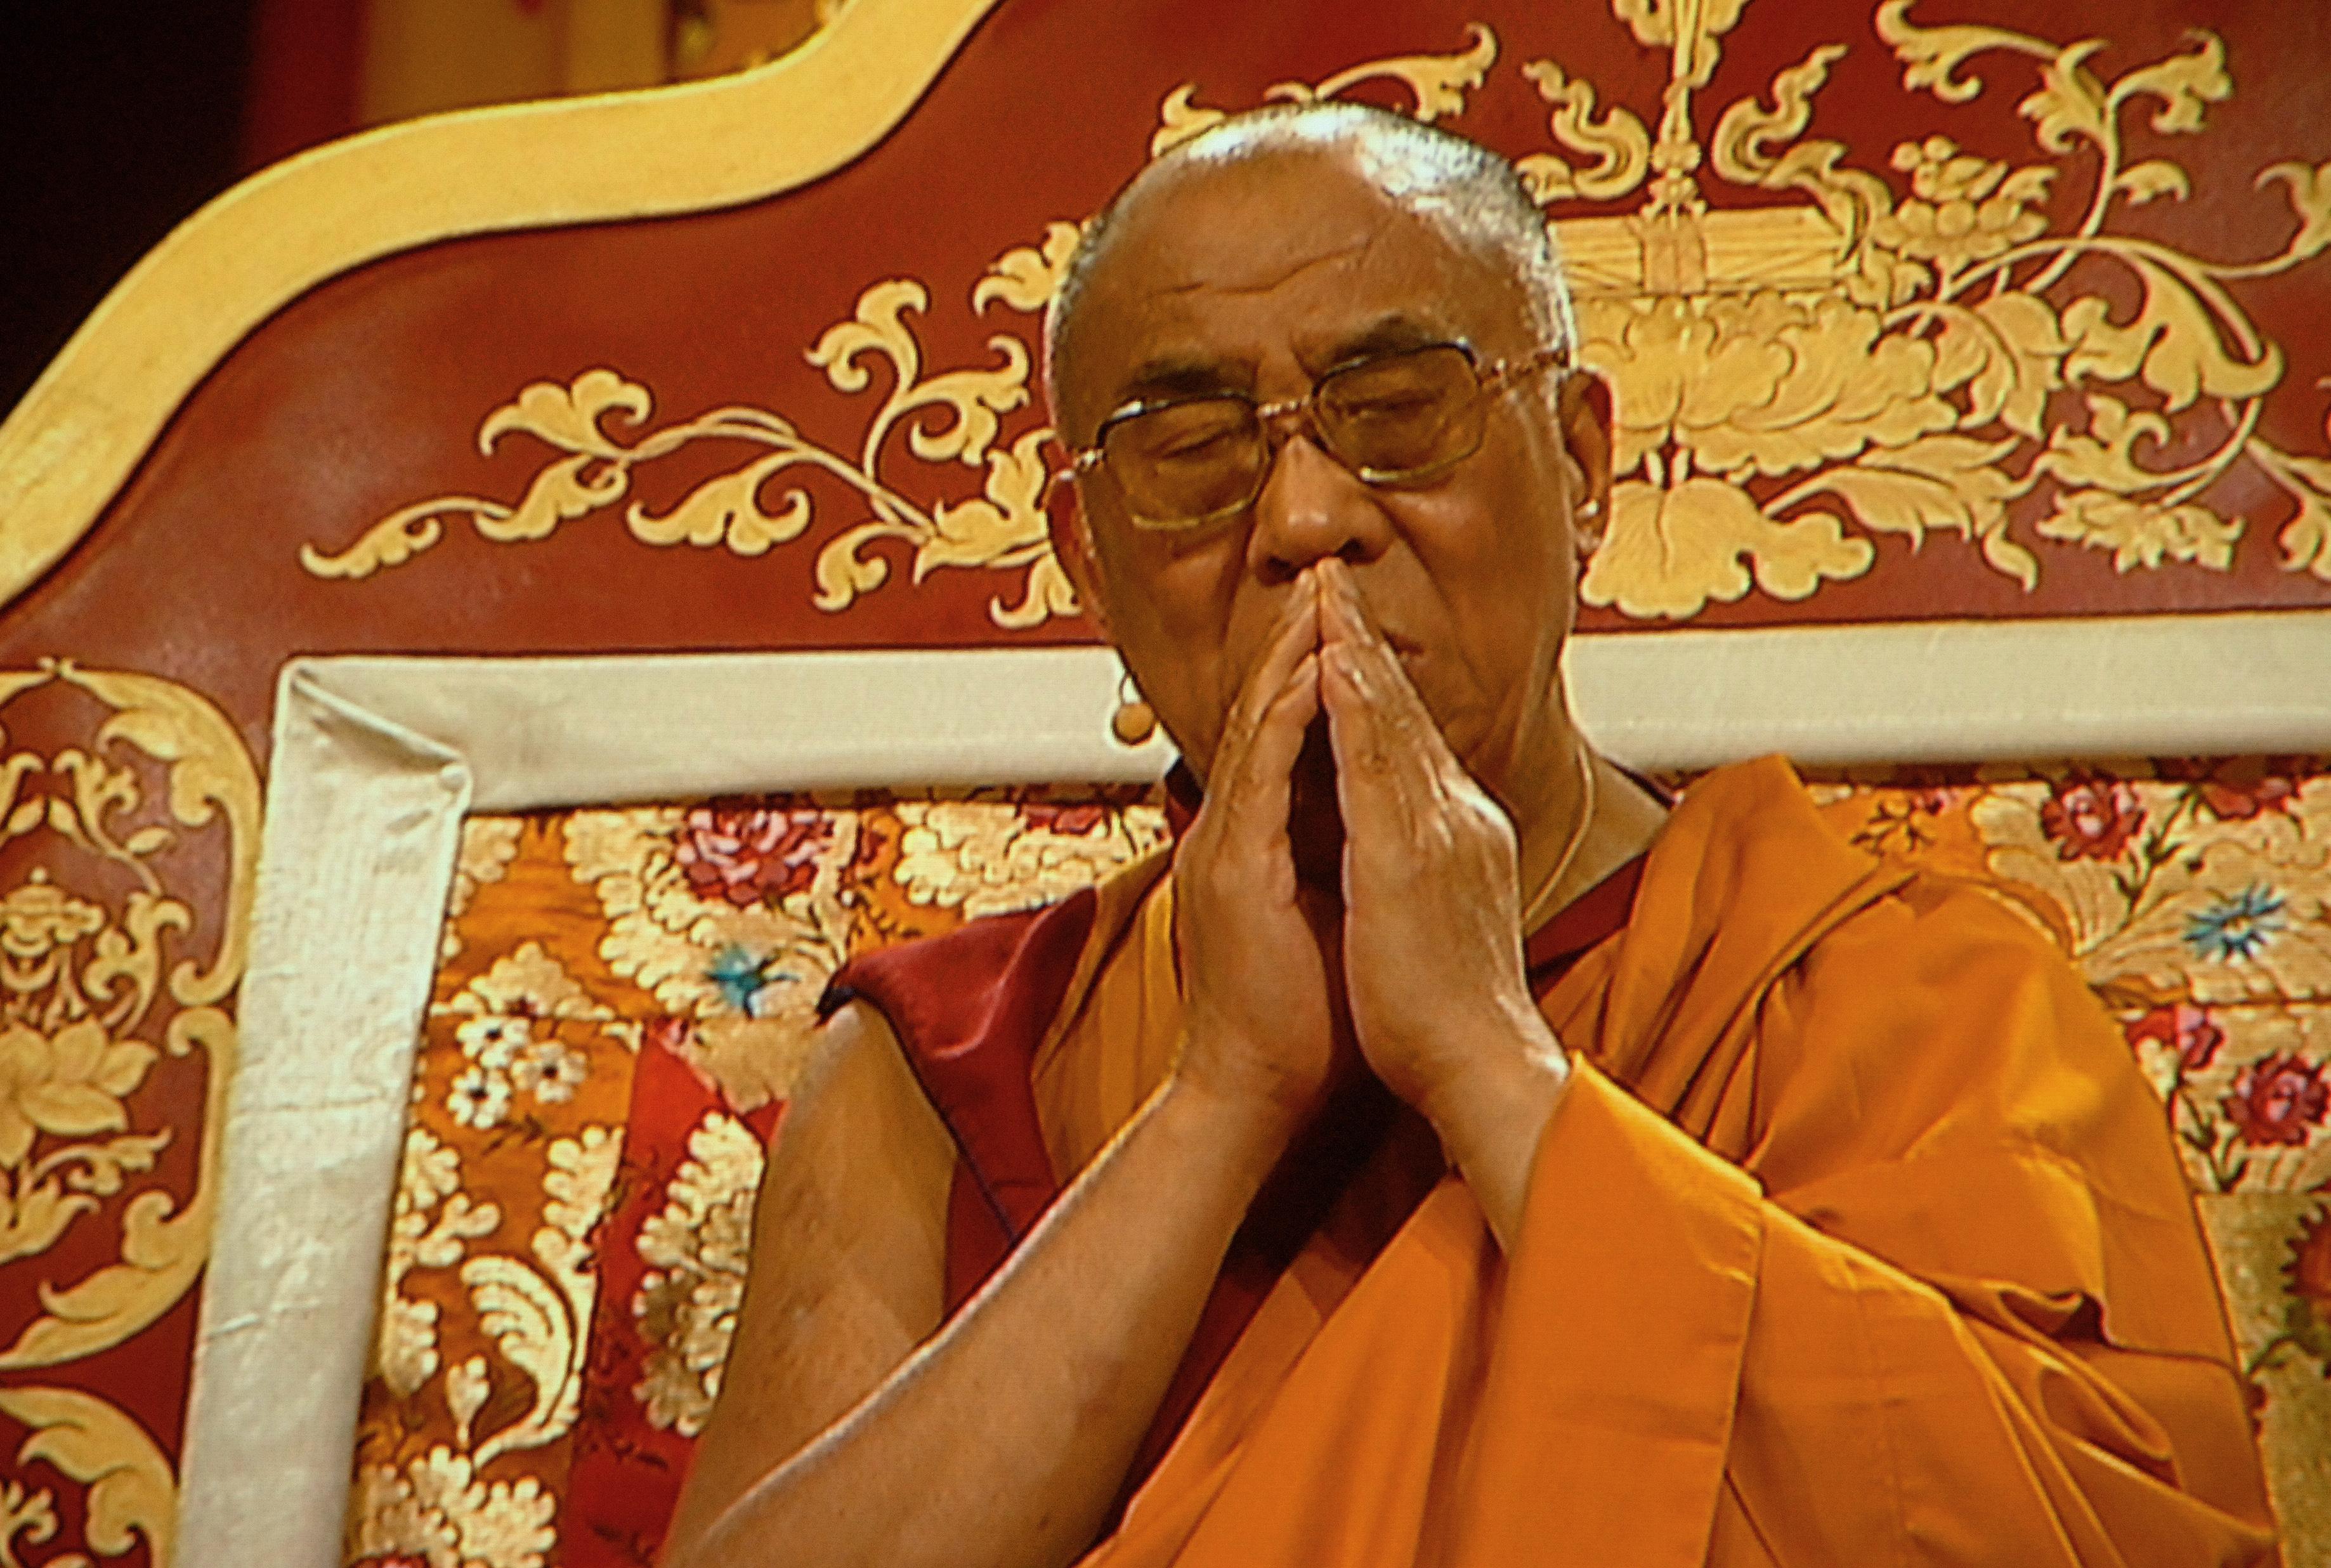 """Sua Santità il Dalai Lama: """"Un praticante che abbia raggiunto una certa comprensione della vastità e della profondità delle dottrine buddhiste raccolte ed esposte da antichi maestri buddhisti indiani quali Nagarjuna, Asanga, Vasubandhu, Dharmakirti ed altri ancora, rispetterà immediatamente ogni lignaggio del Dharma per il suo proprio valore. Anche noi dovremmo cercare di seguire questo tipo di approccio eclettico messo in pratica da innumerevoli maestri del passato."""""""